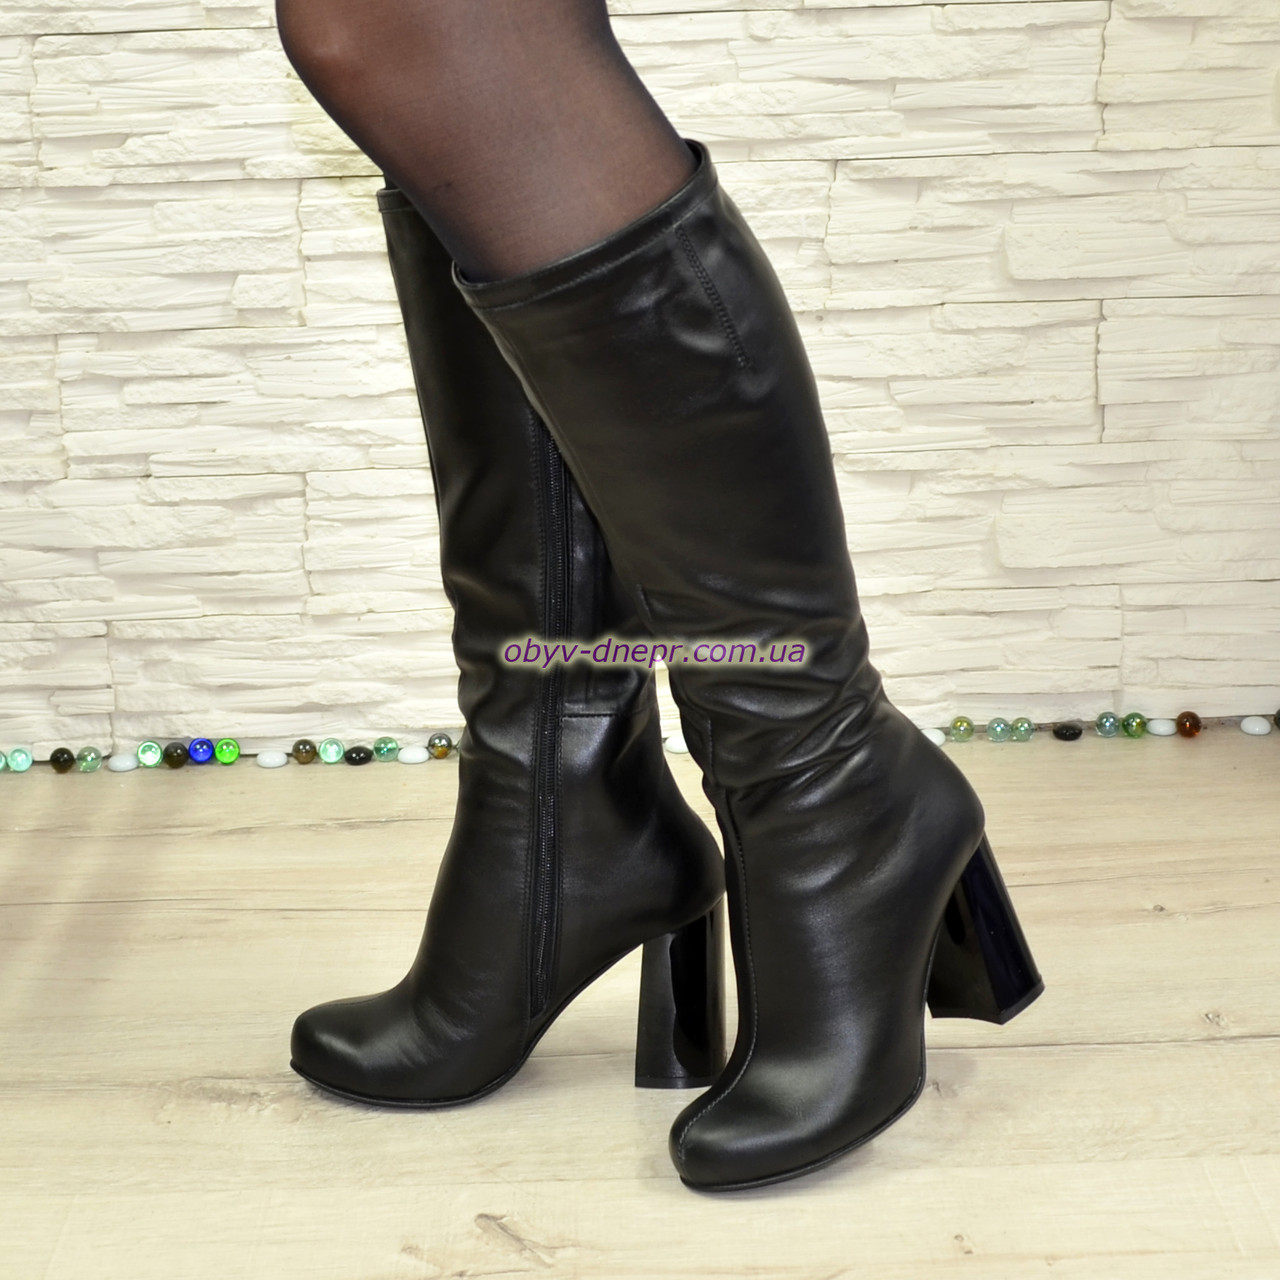 Сапоги черные кожаные демисезонные на устойчивом каблуке